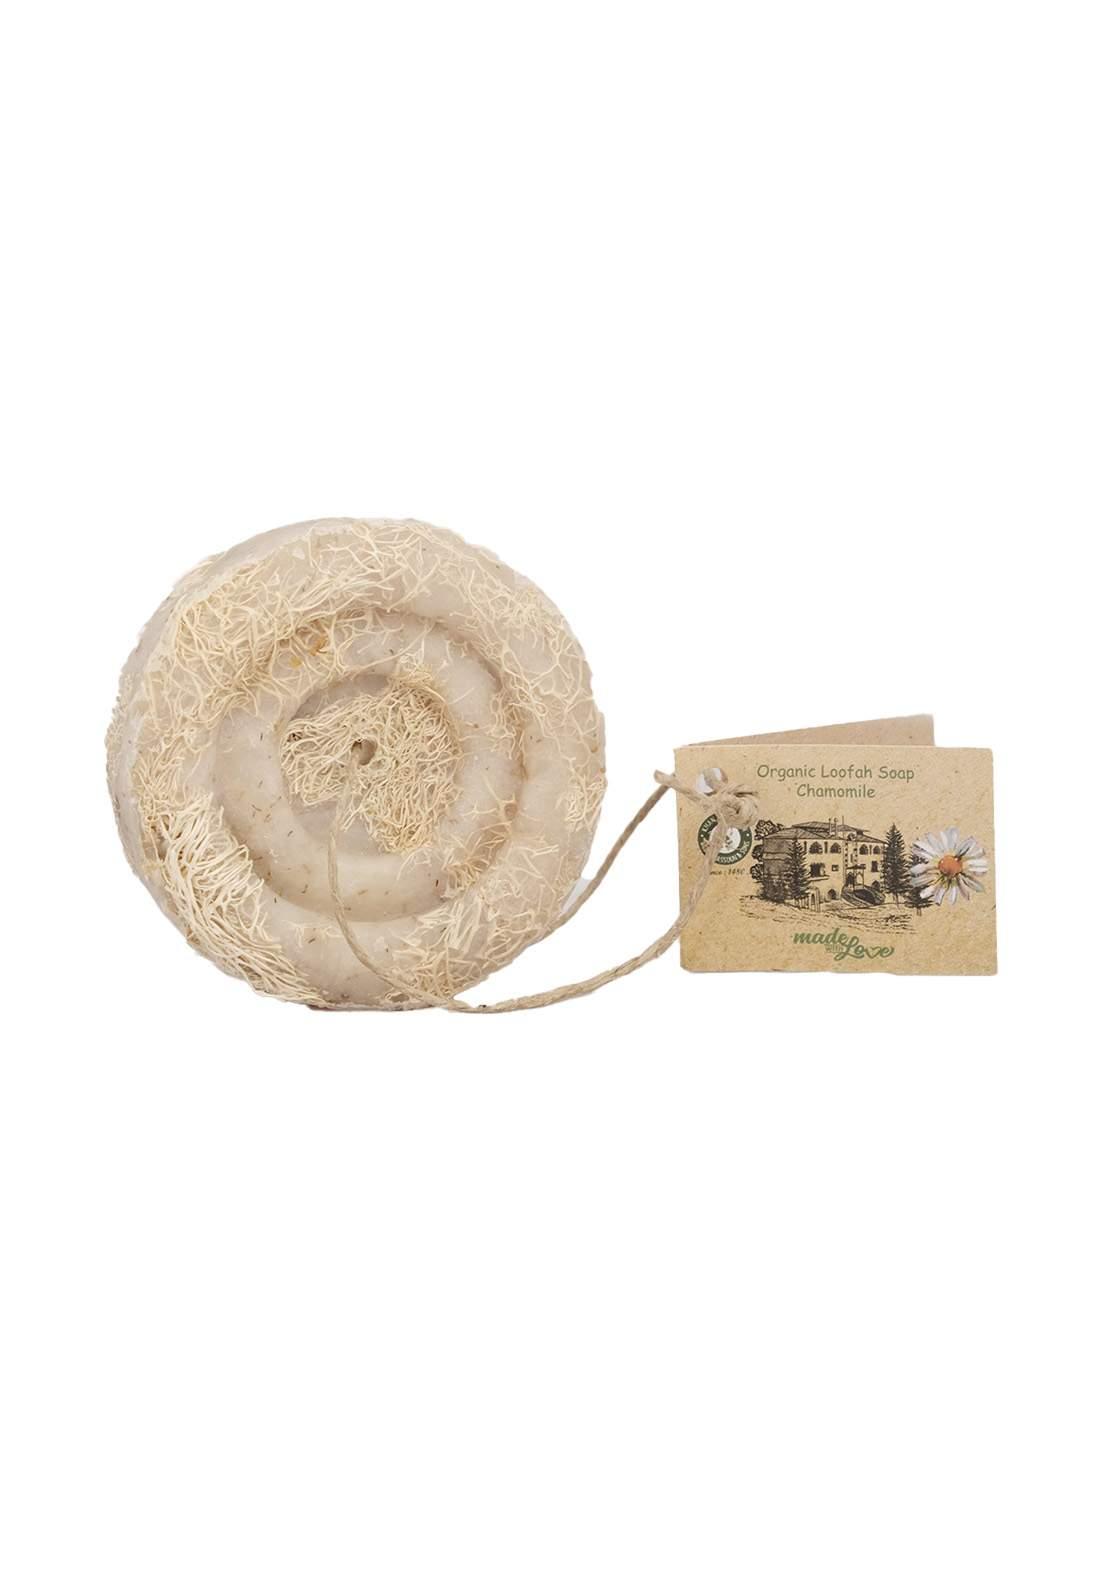 Khan Alsaboun Organic Loofah Soap 50 g  صابون الليفة الطبيعي الممزوج بزهرة وزيت البابونج